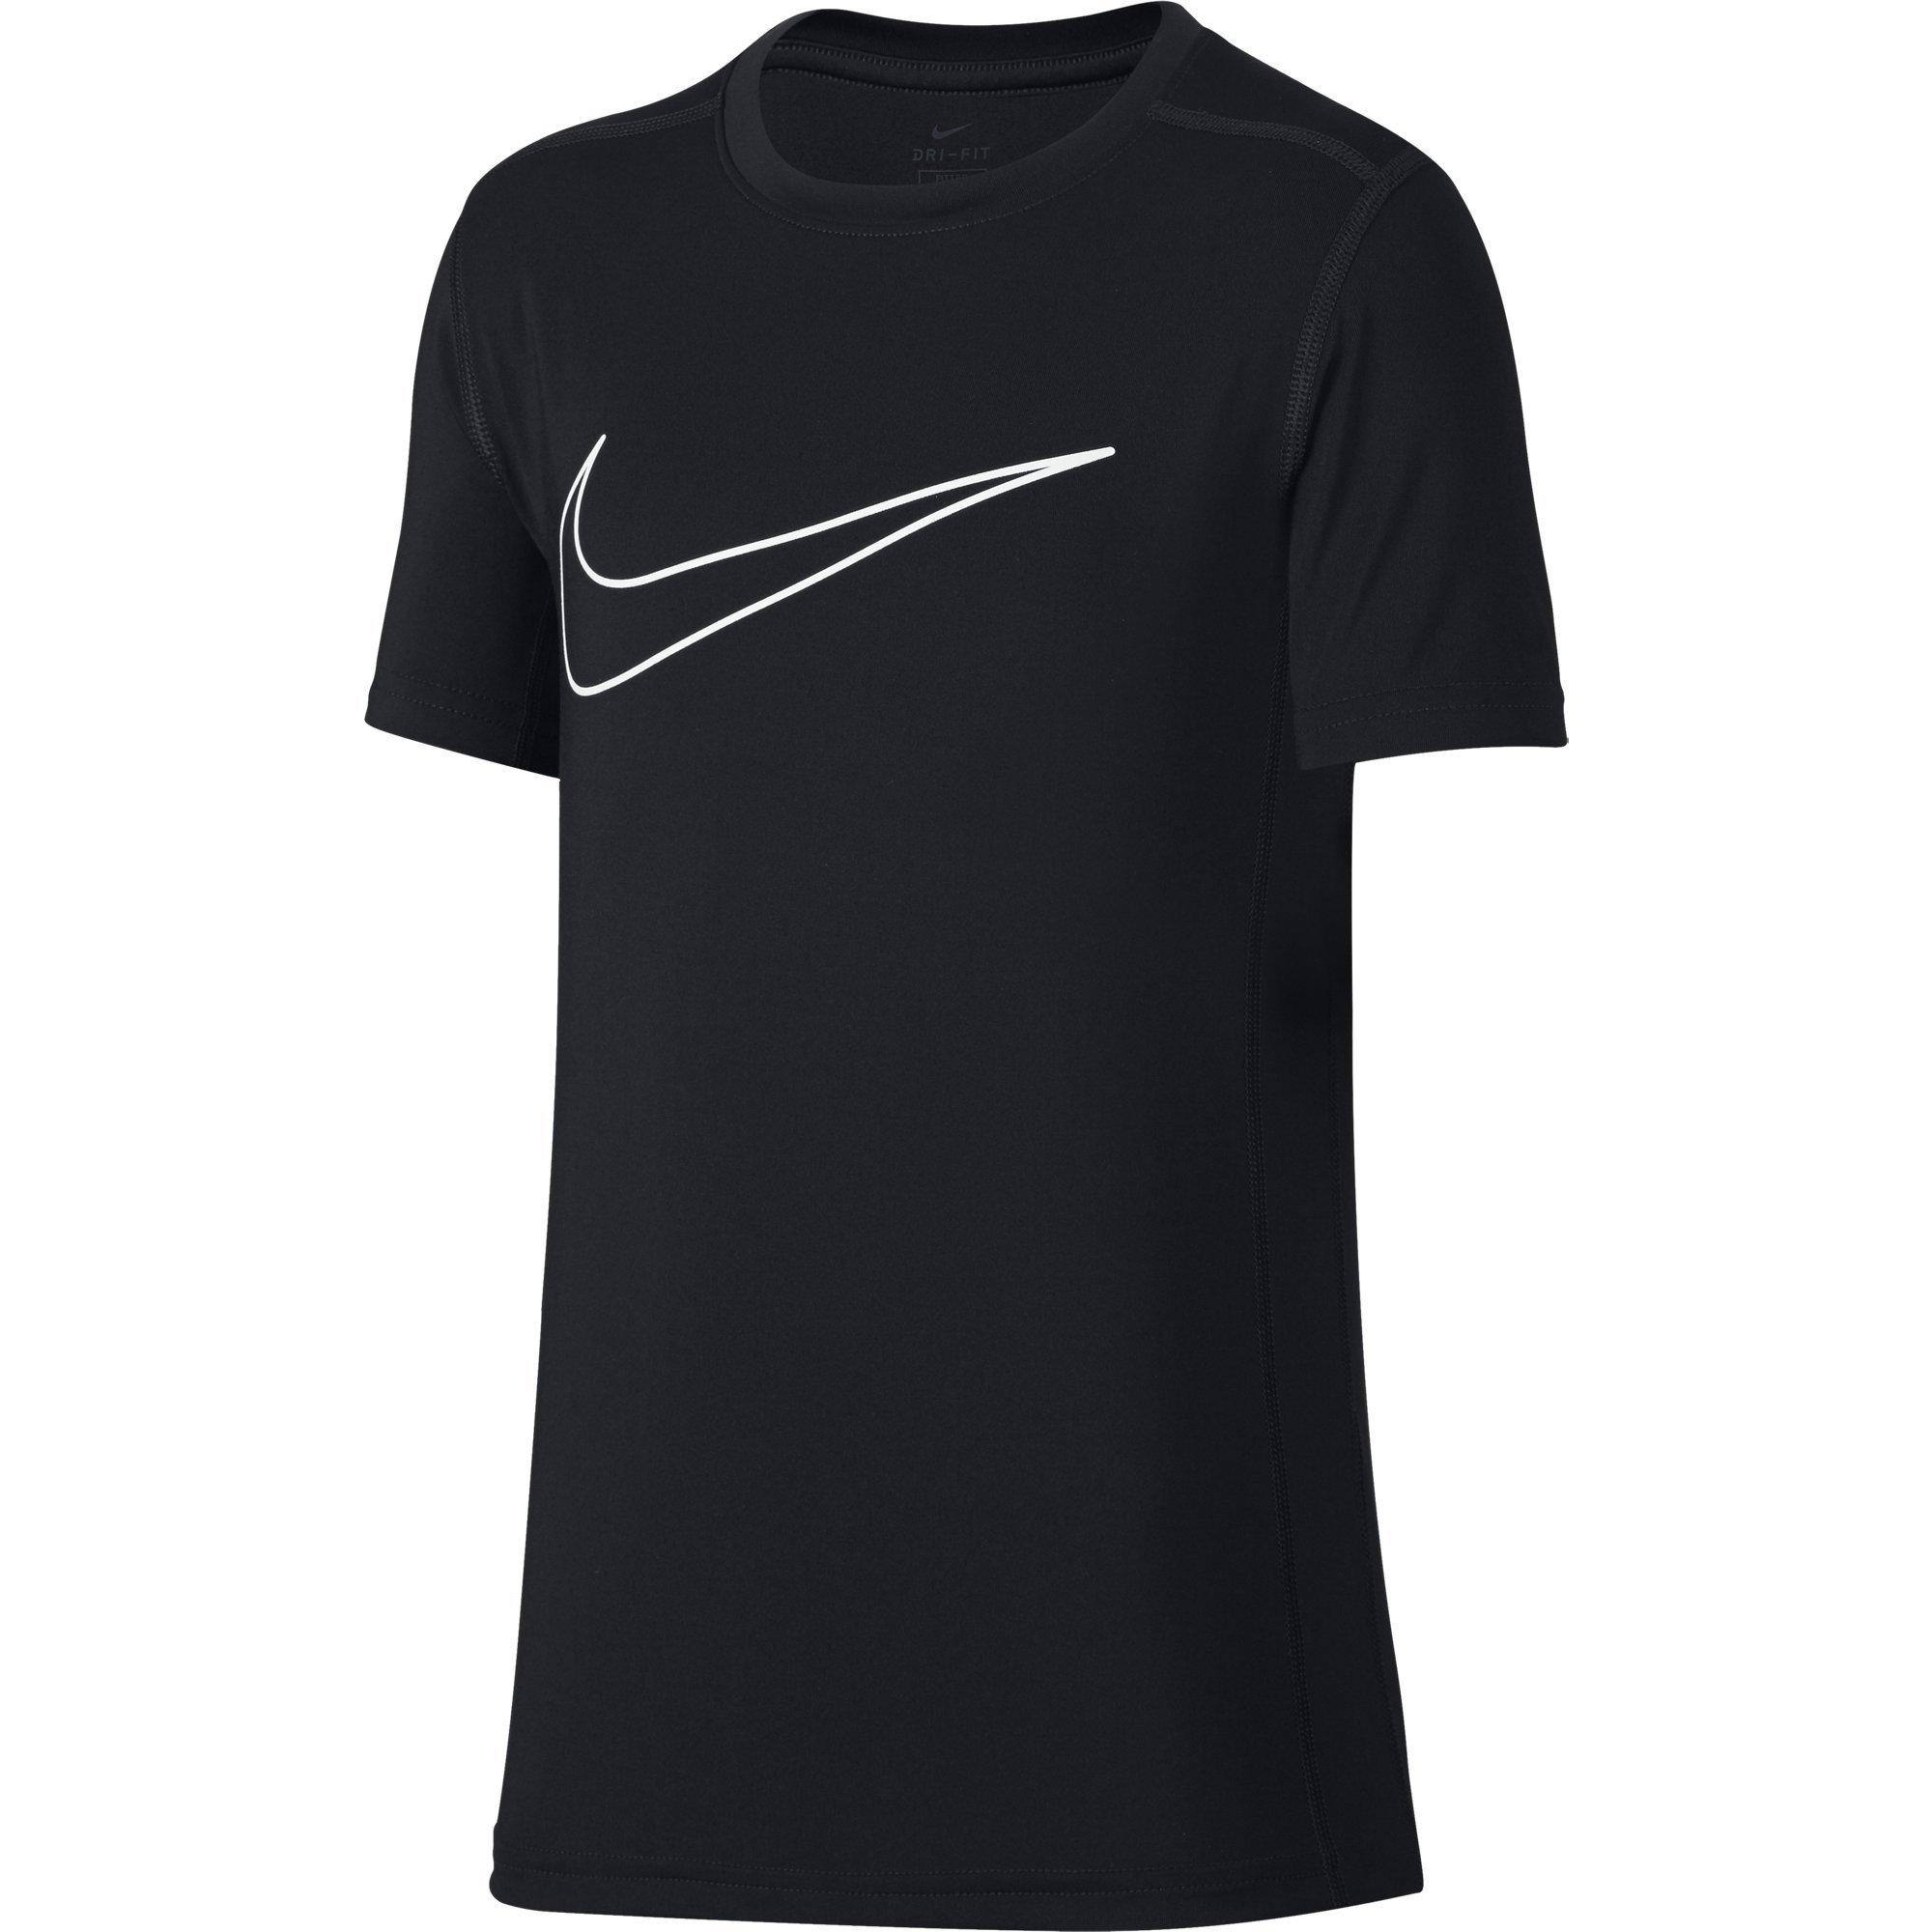 NIKE Boys' Short-Sleeve Training Shirt, Black, Large